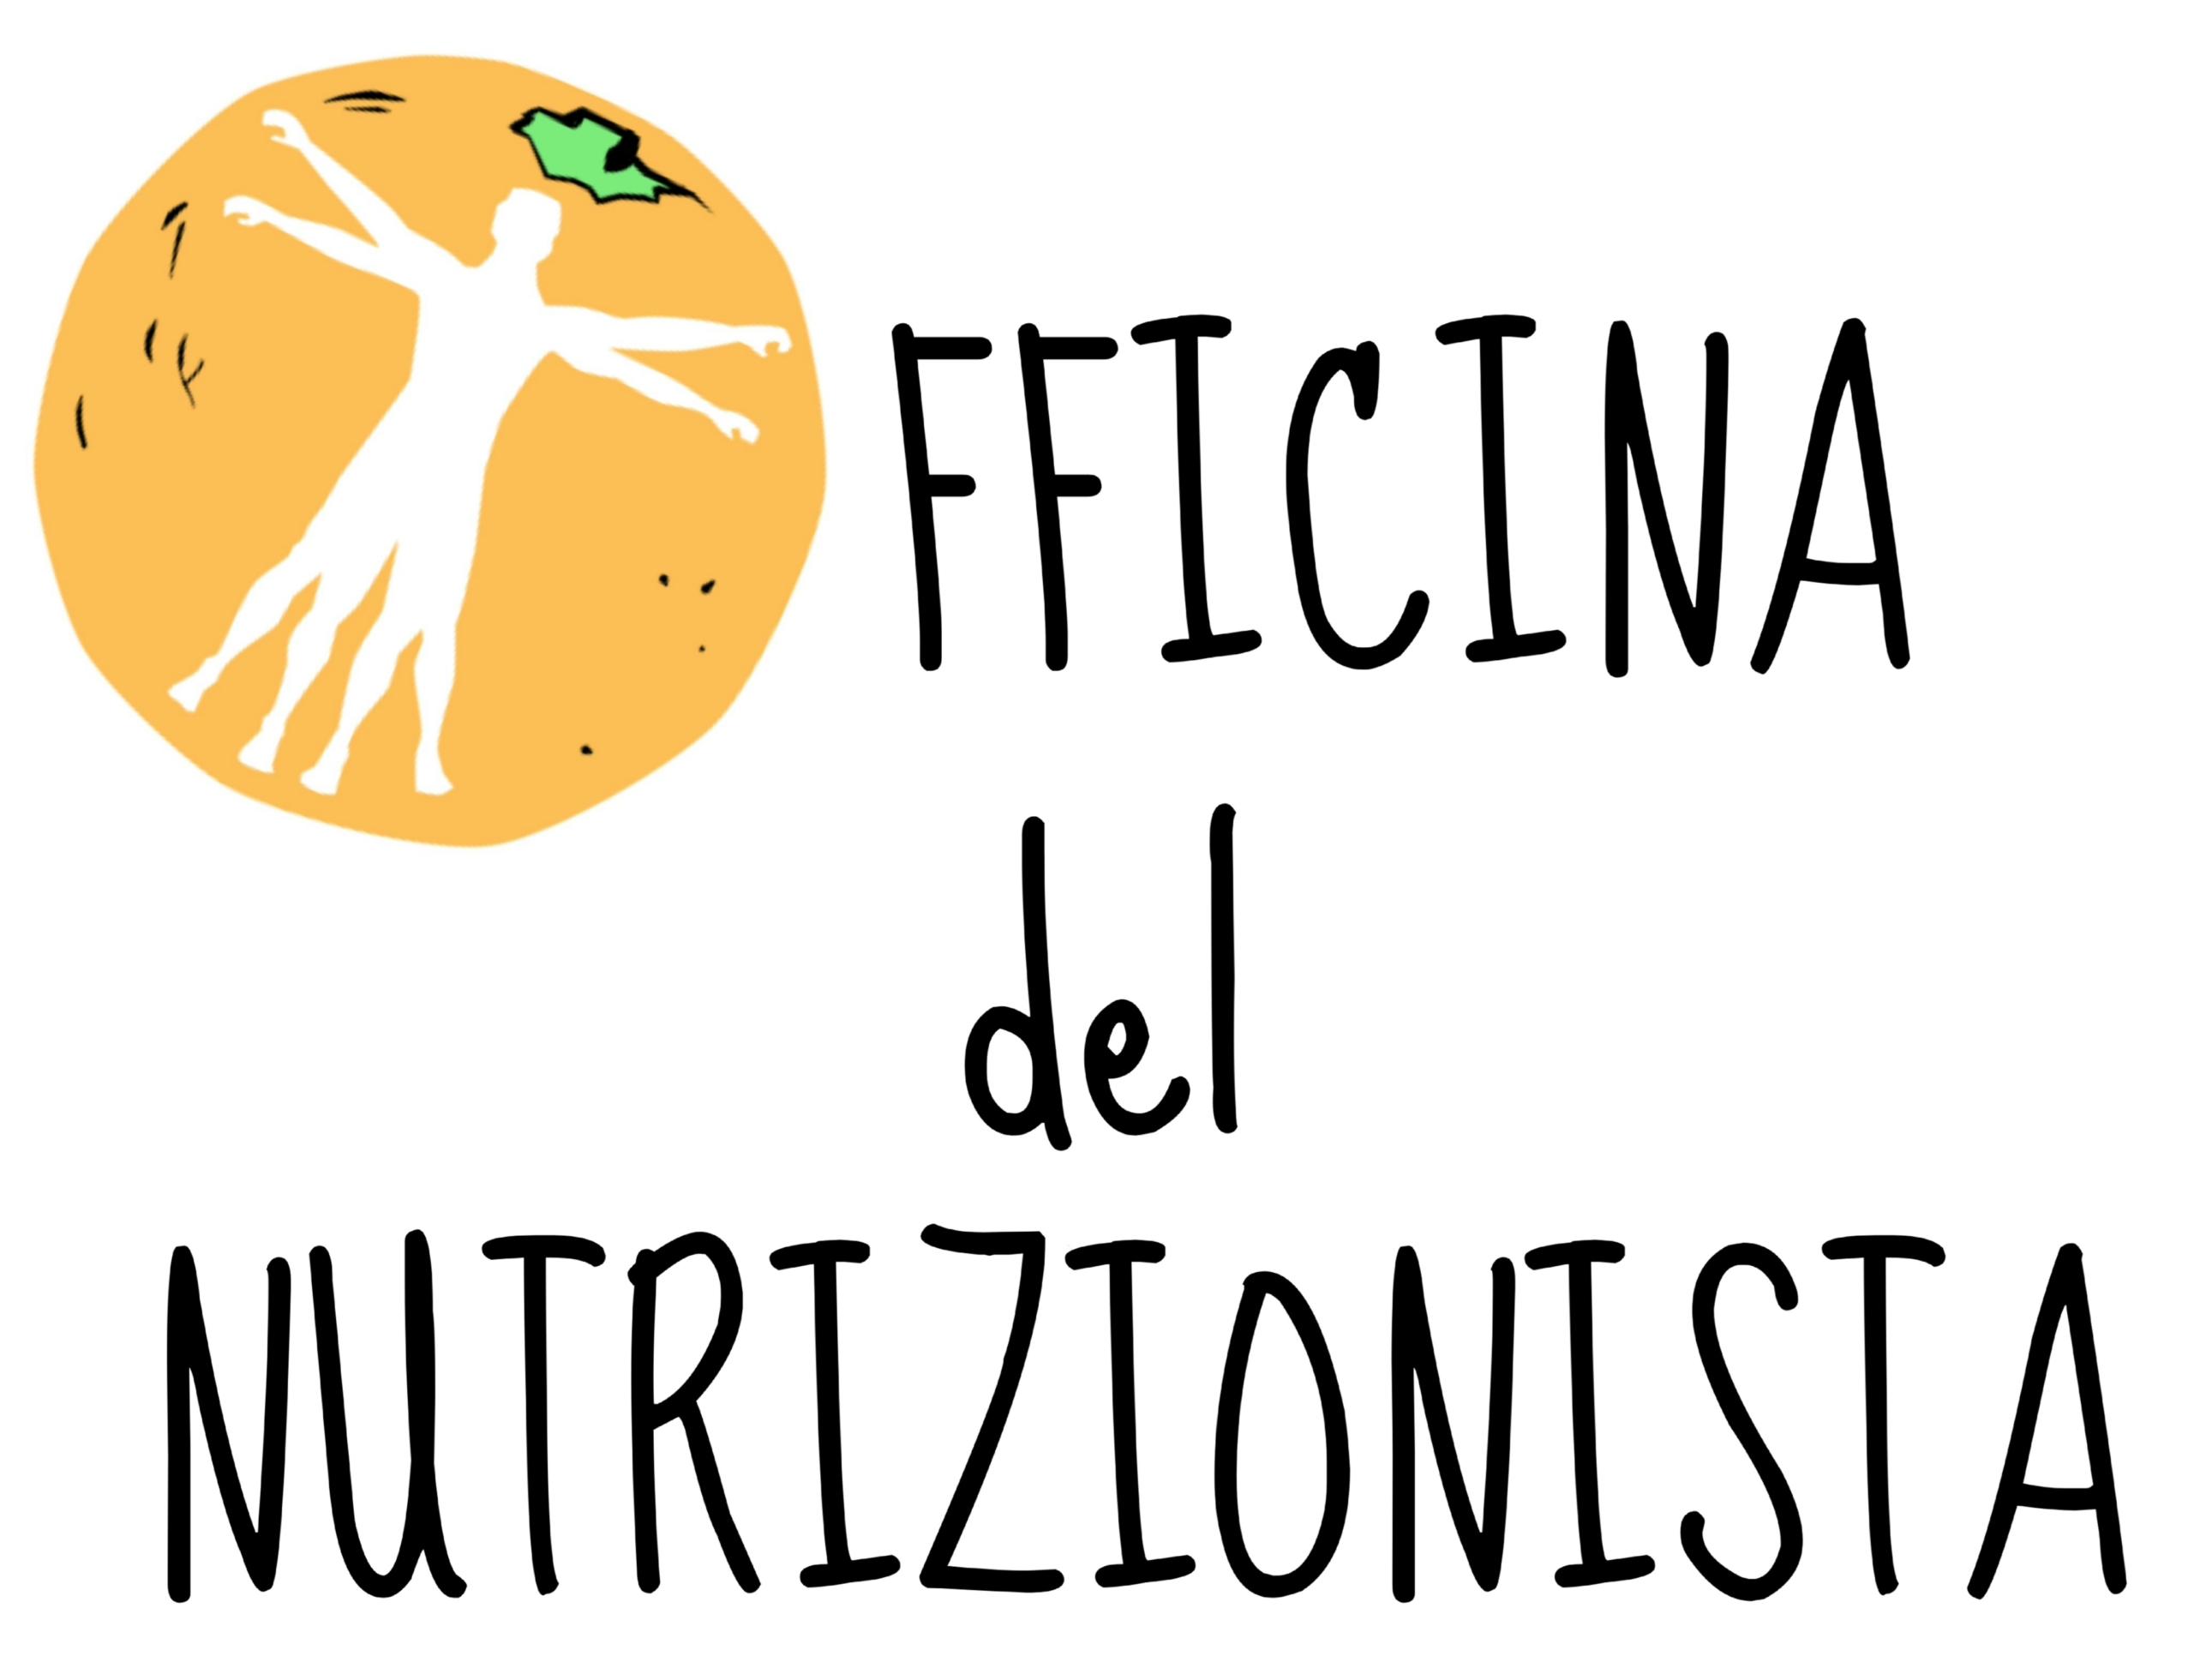 Officina del Nutrizionista